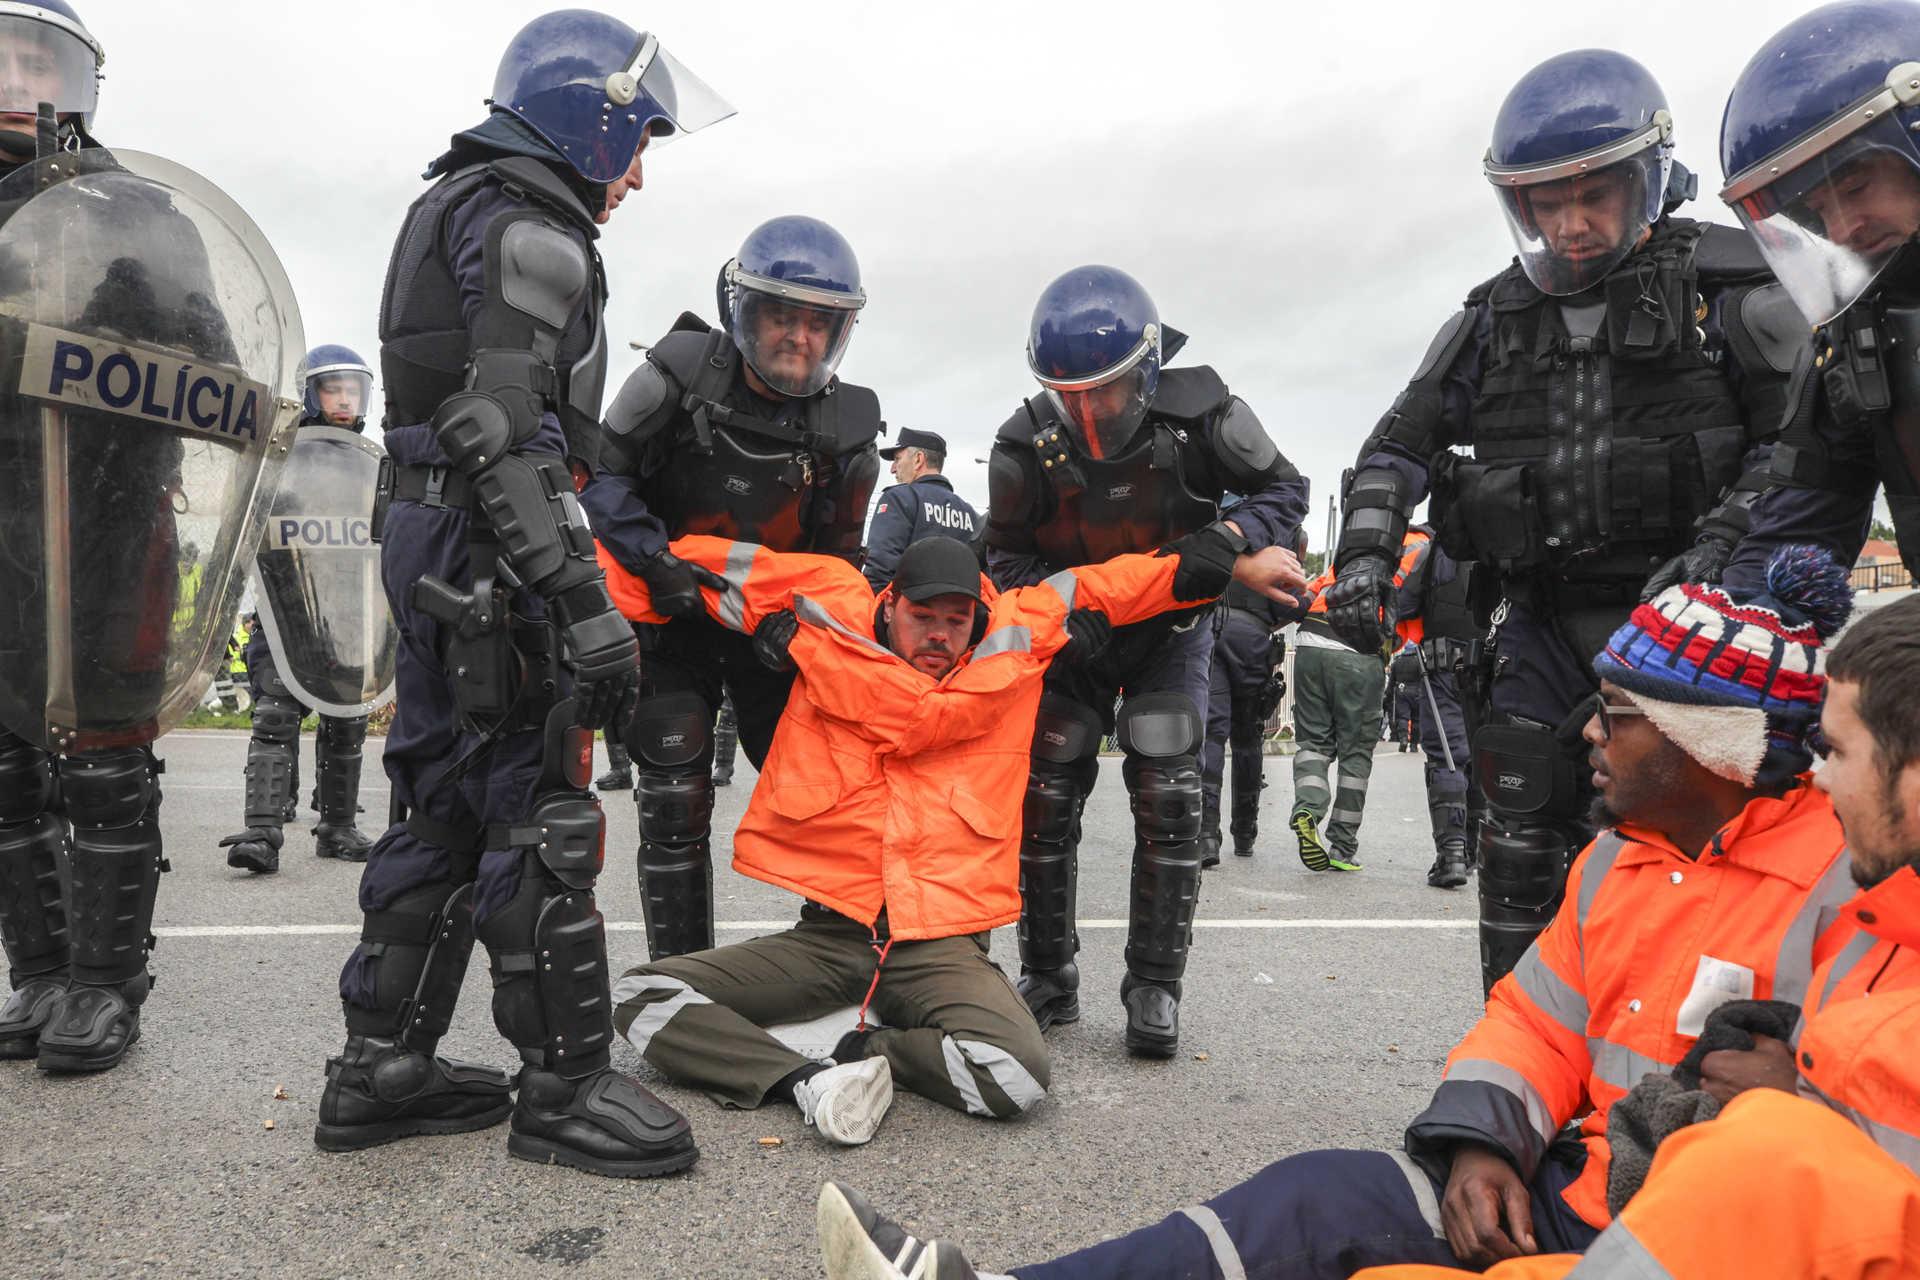 Estivadores são detidos pela polícia